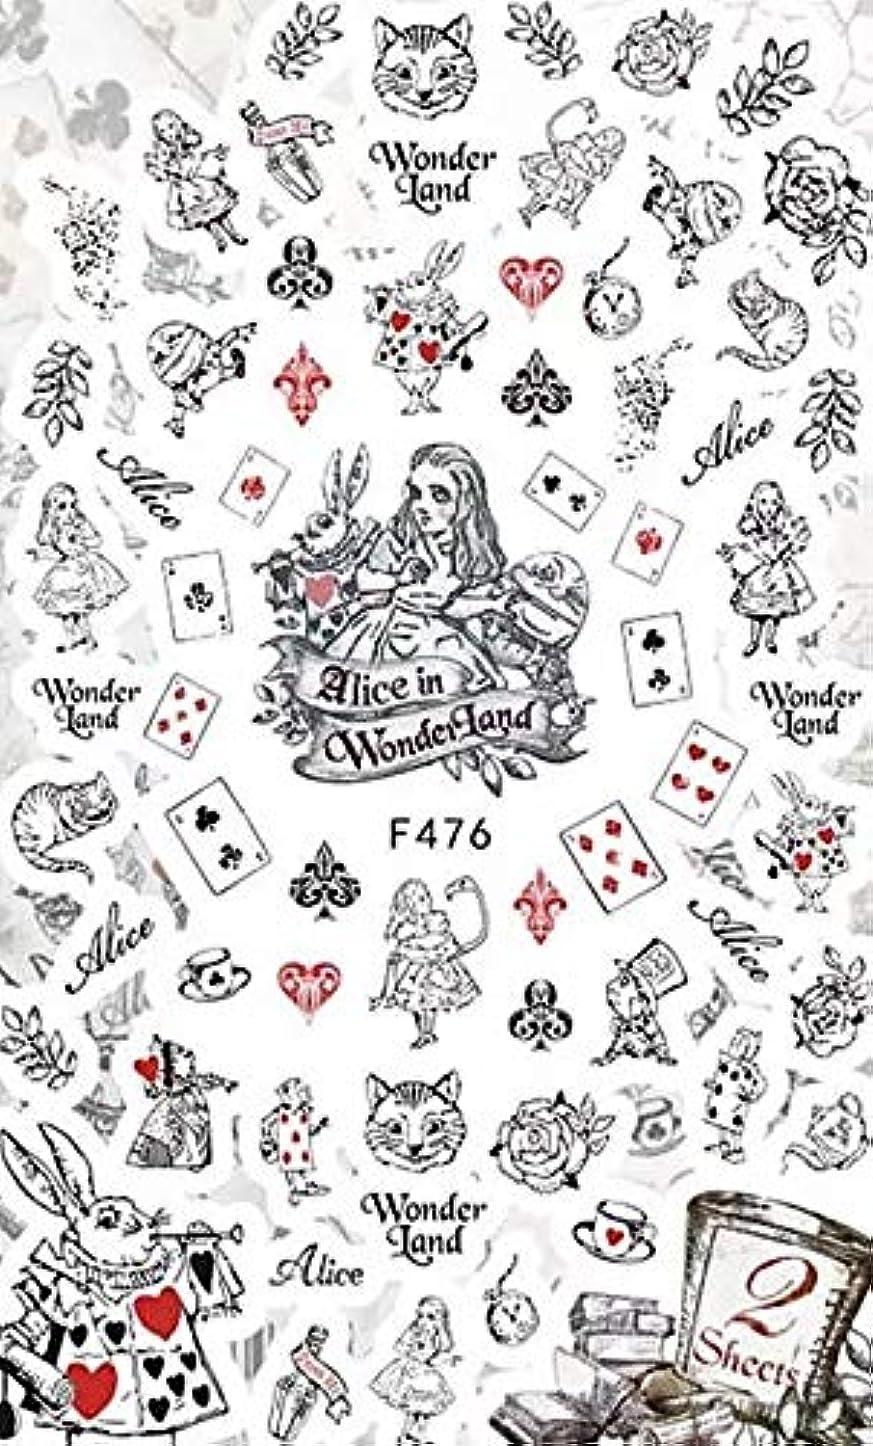 最愛の五十子犬SHOP THEATER(ショップ シアター) ネイルシール アリス イン ワンダーランド ディズニー ネイルアート 不思議の国のアリス 猫 プリンセス